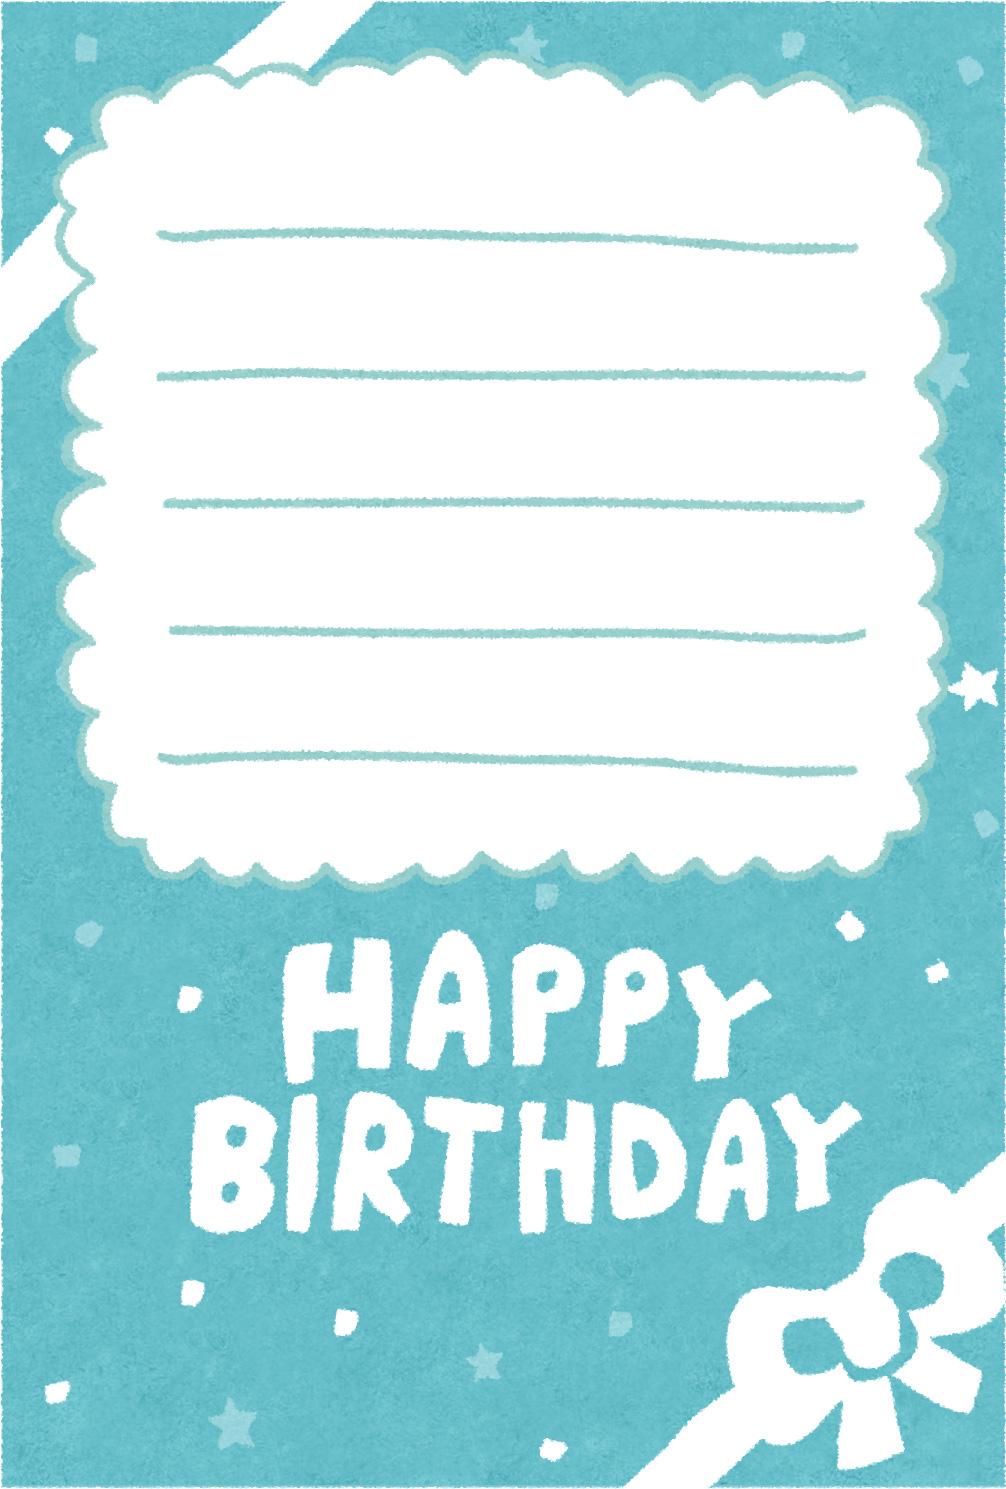 誕生日カードのテンプレート「メッセージボックス」 | かわいいフリー